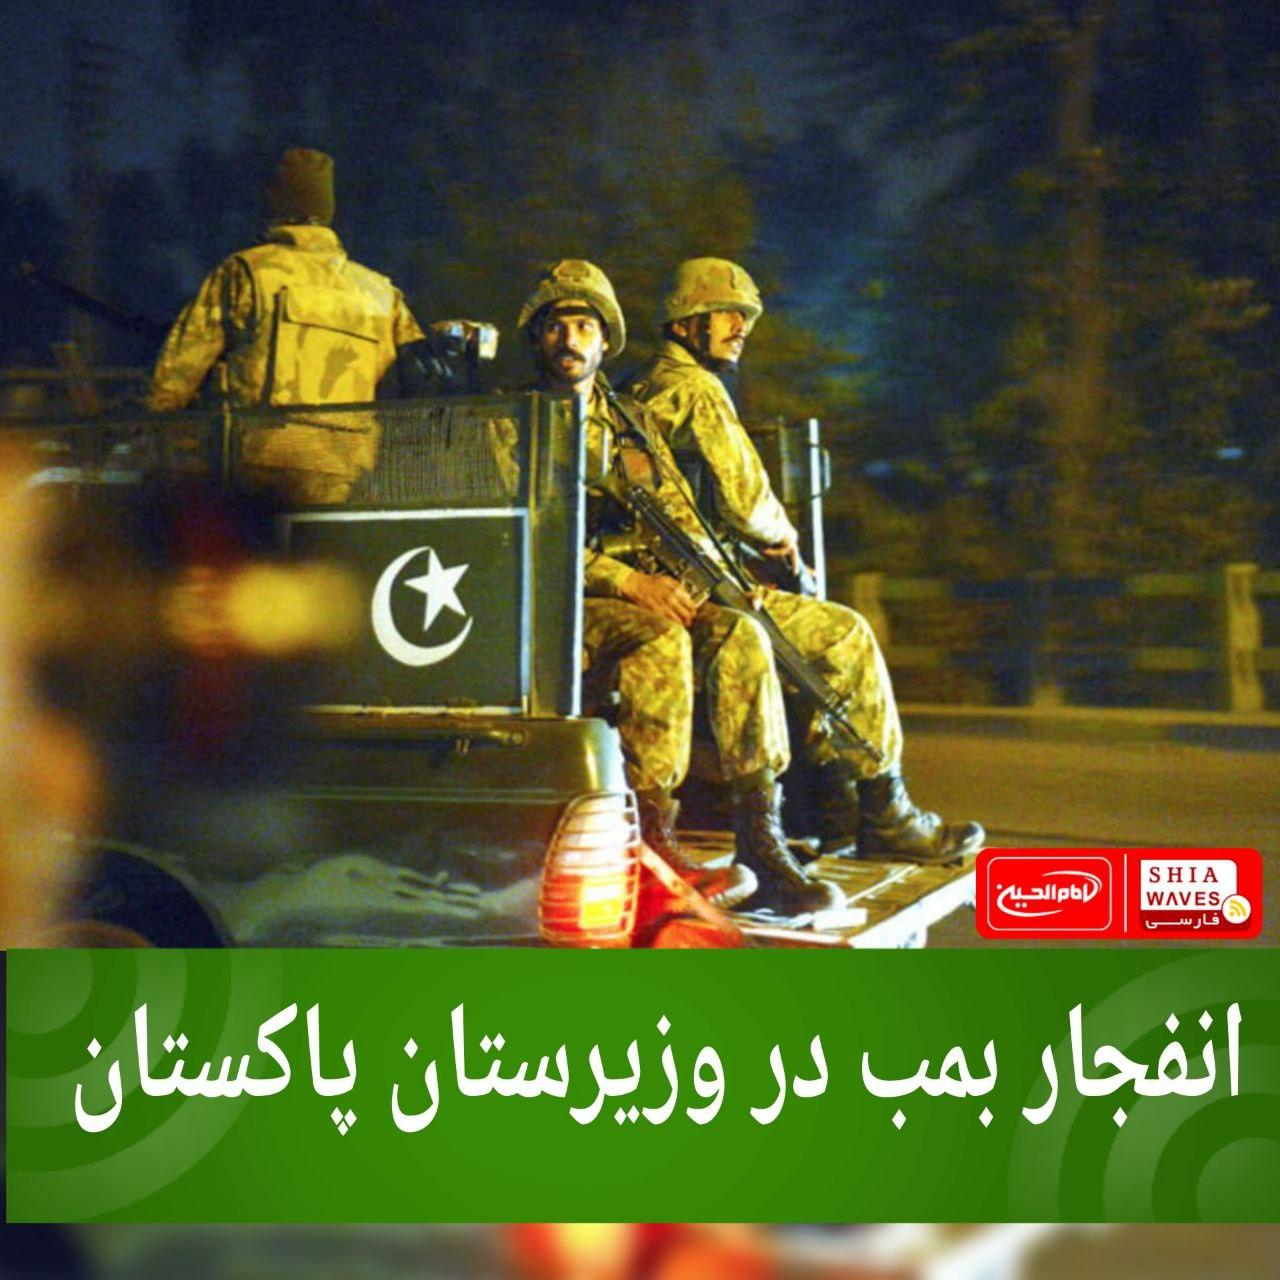 تصویر انفجار بمب در وزیرستان پاکستان